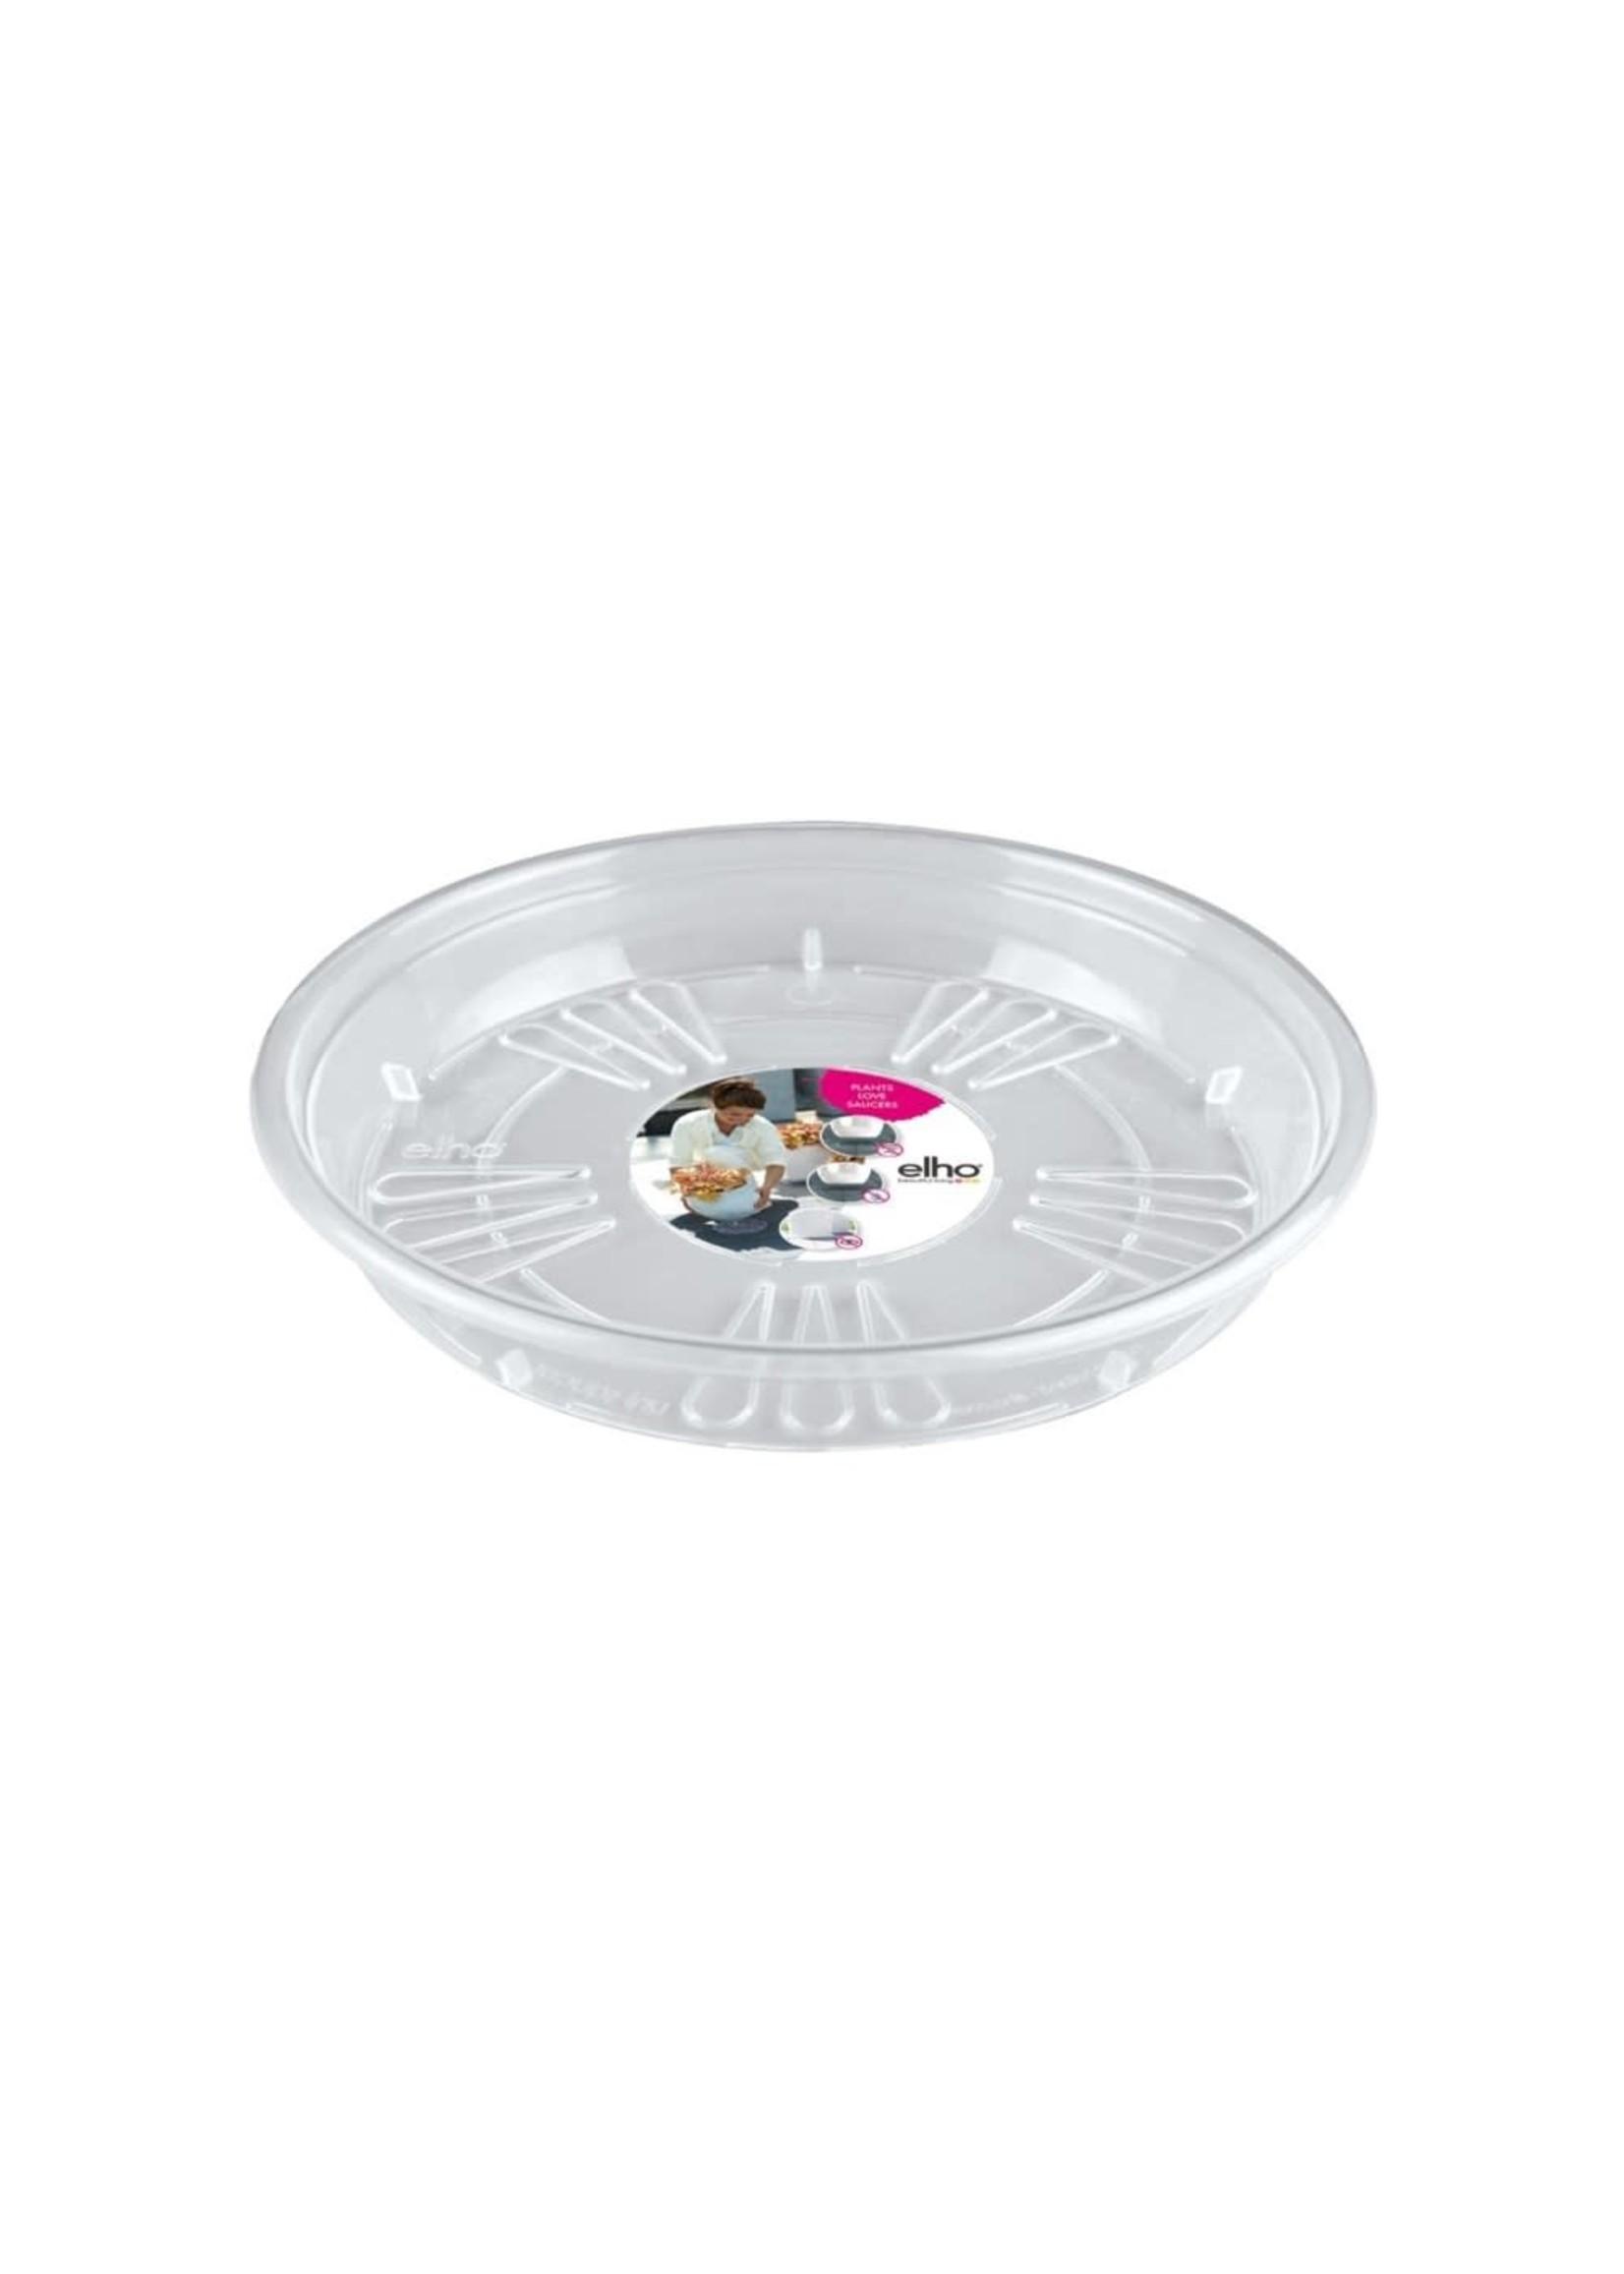 Elho Universal Saucer 21cm - Transparent